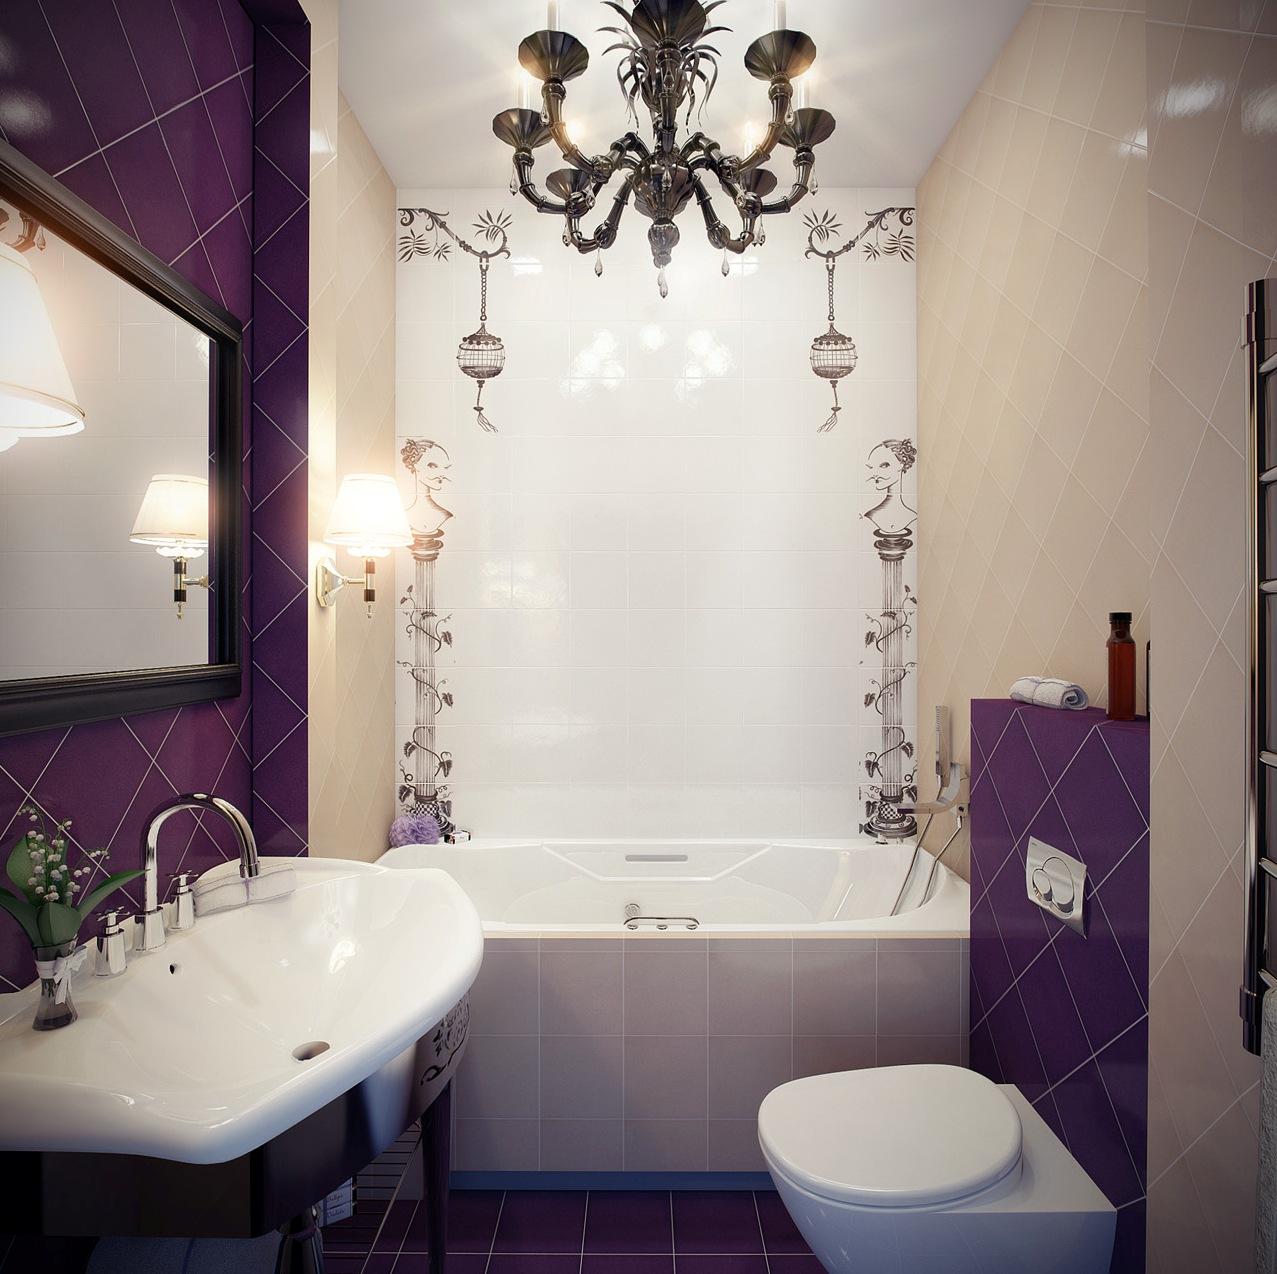 Современная стильная сантехника в ванной